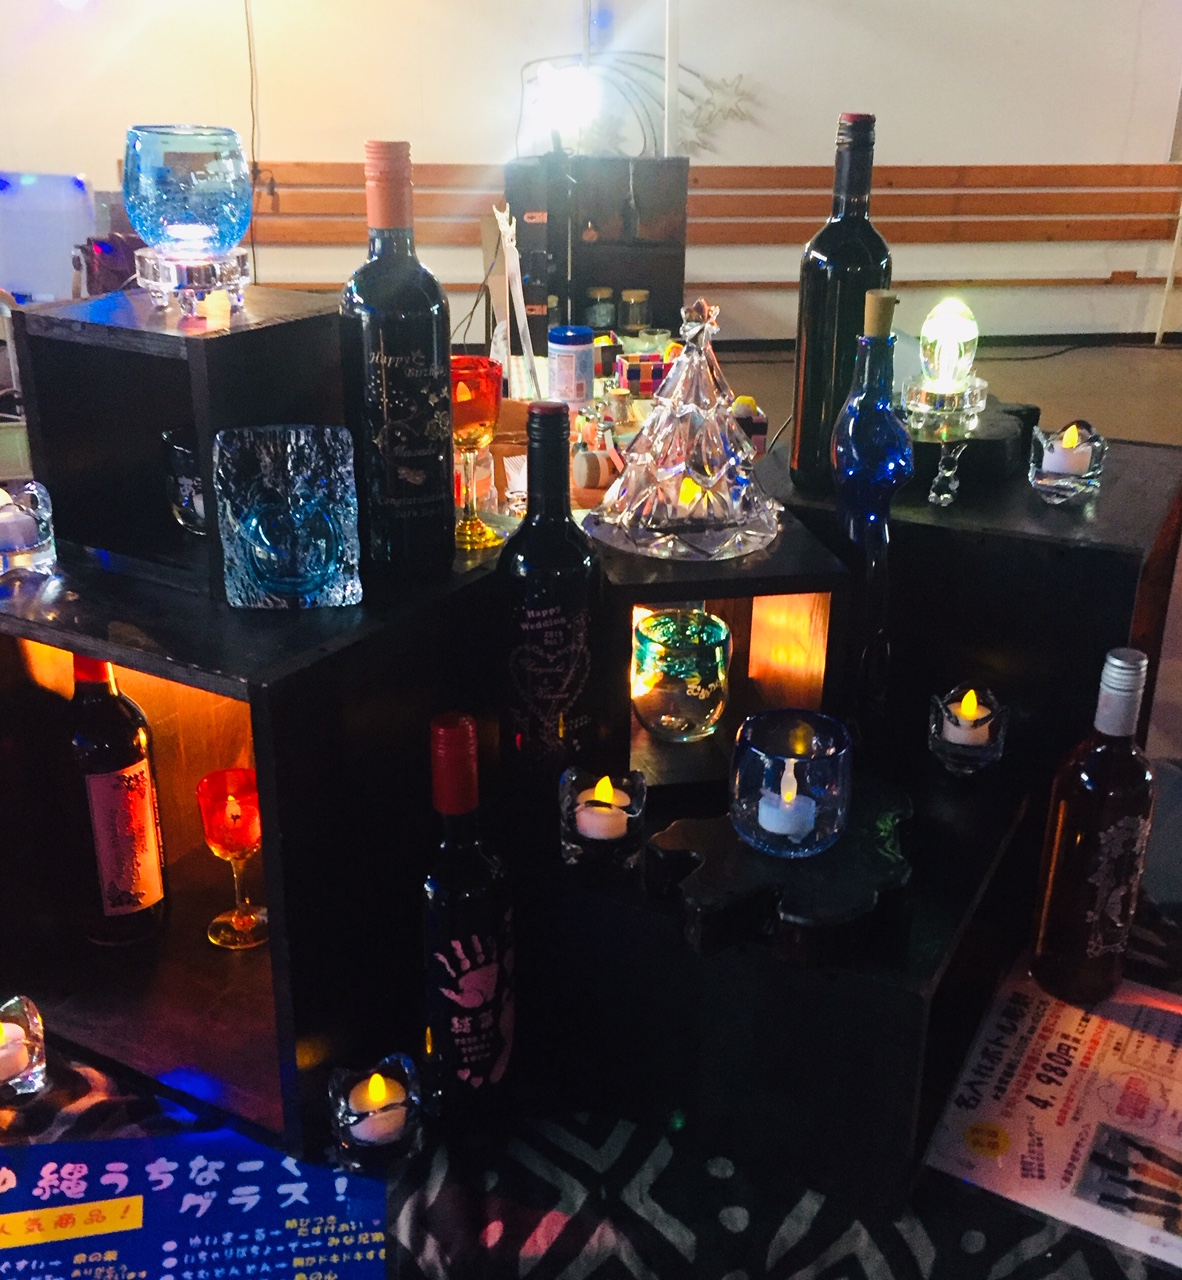 明日はいよいよ「小名浜クリスマスマーケット2020」開催です♪